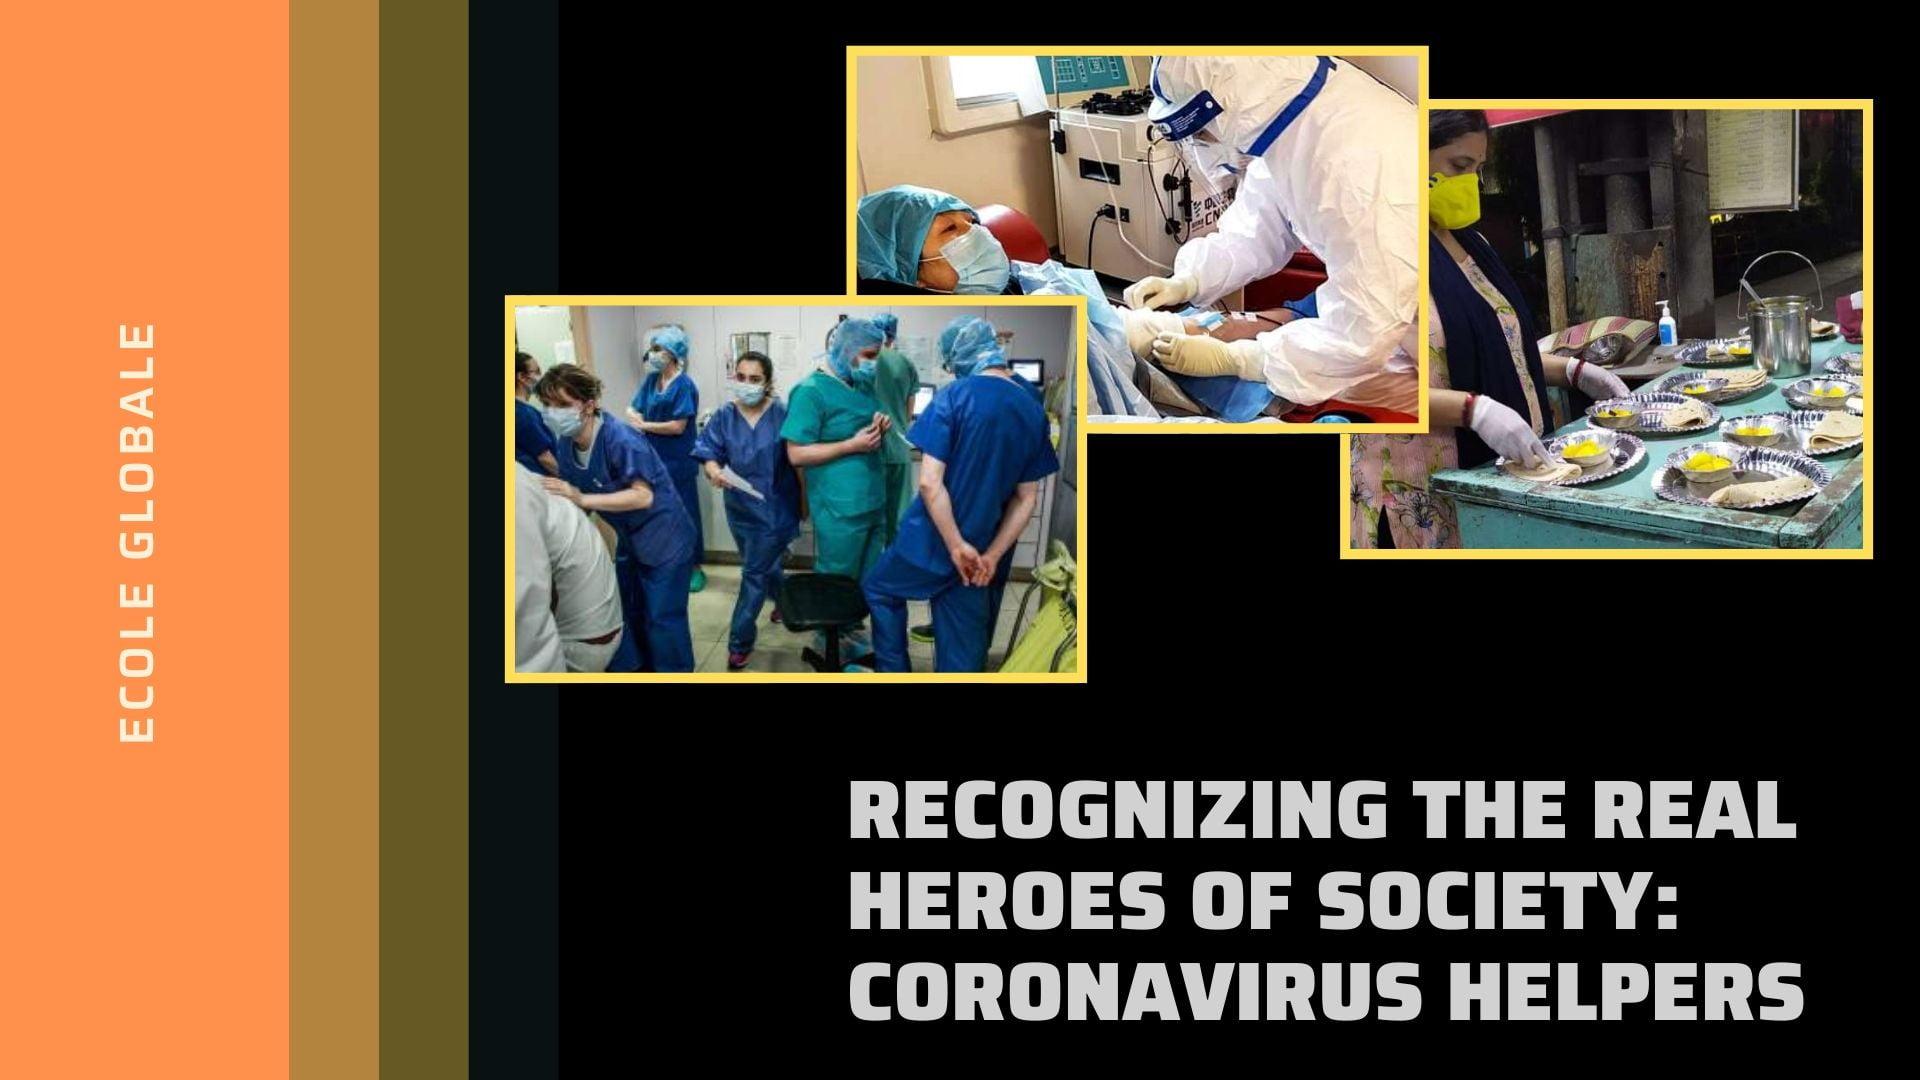 corona virus helpers